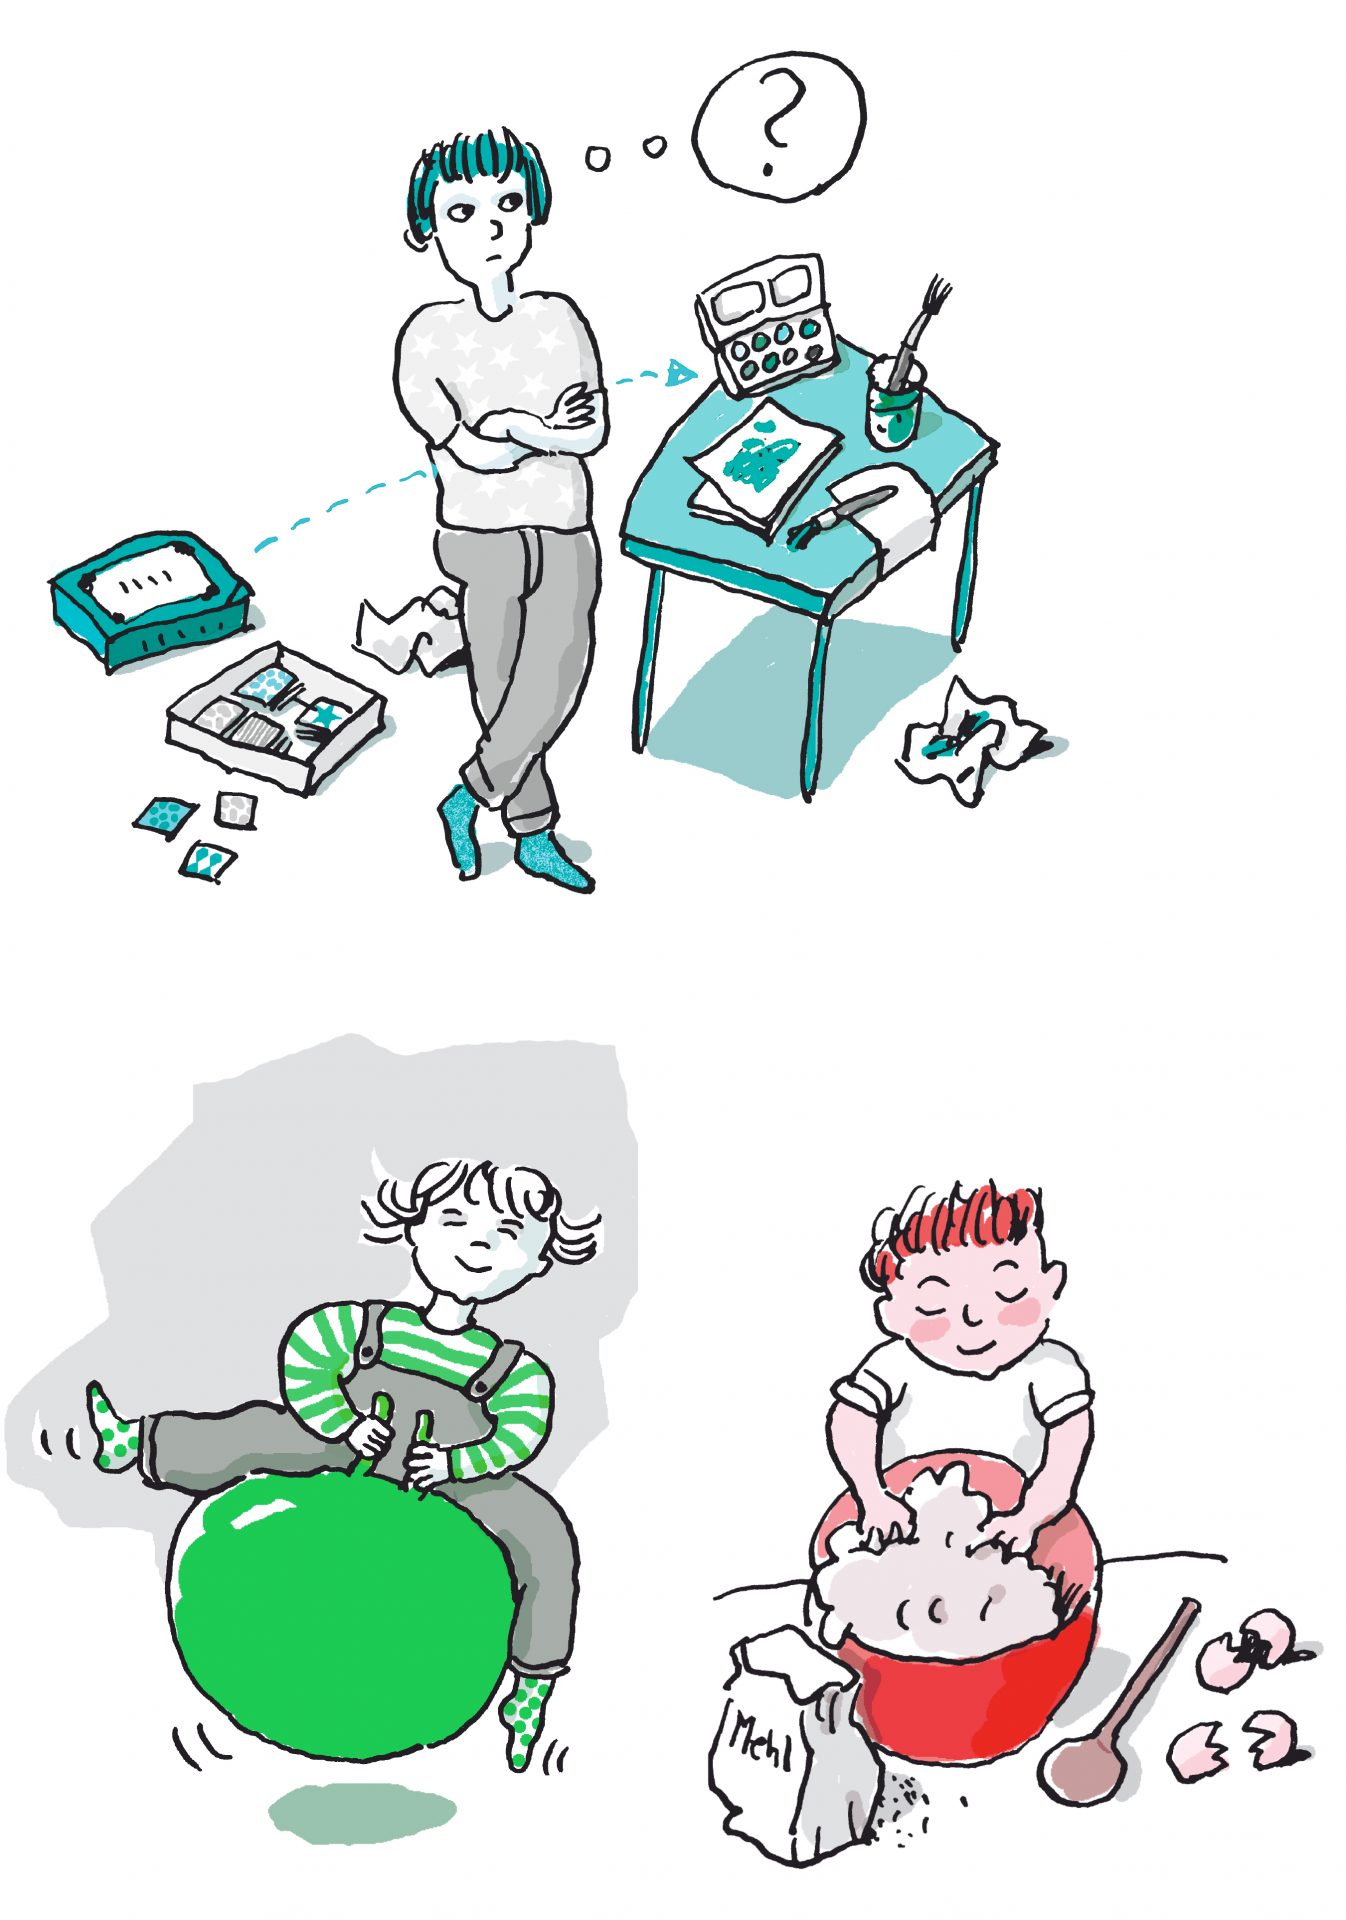 Kinderillustrationen ANE Elternbriefe - Typoly